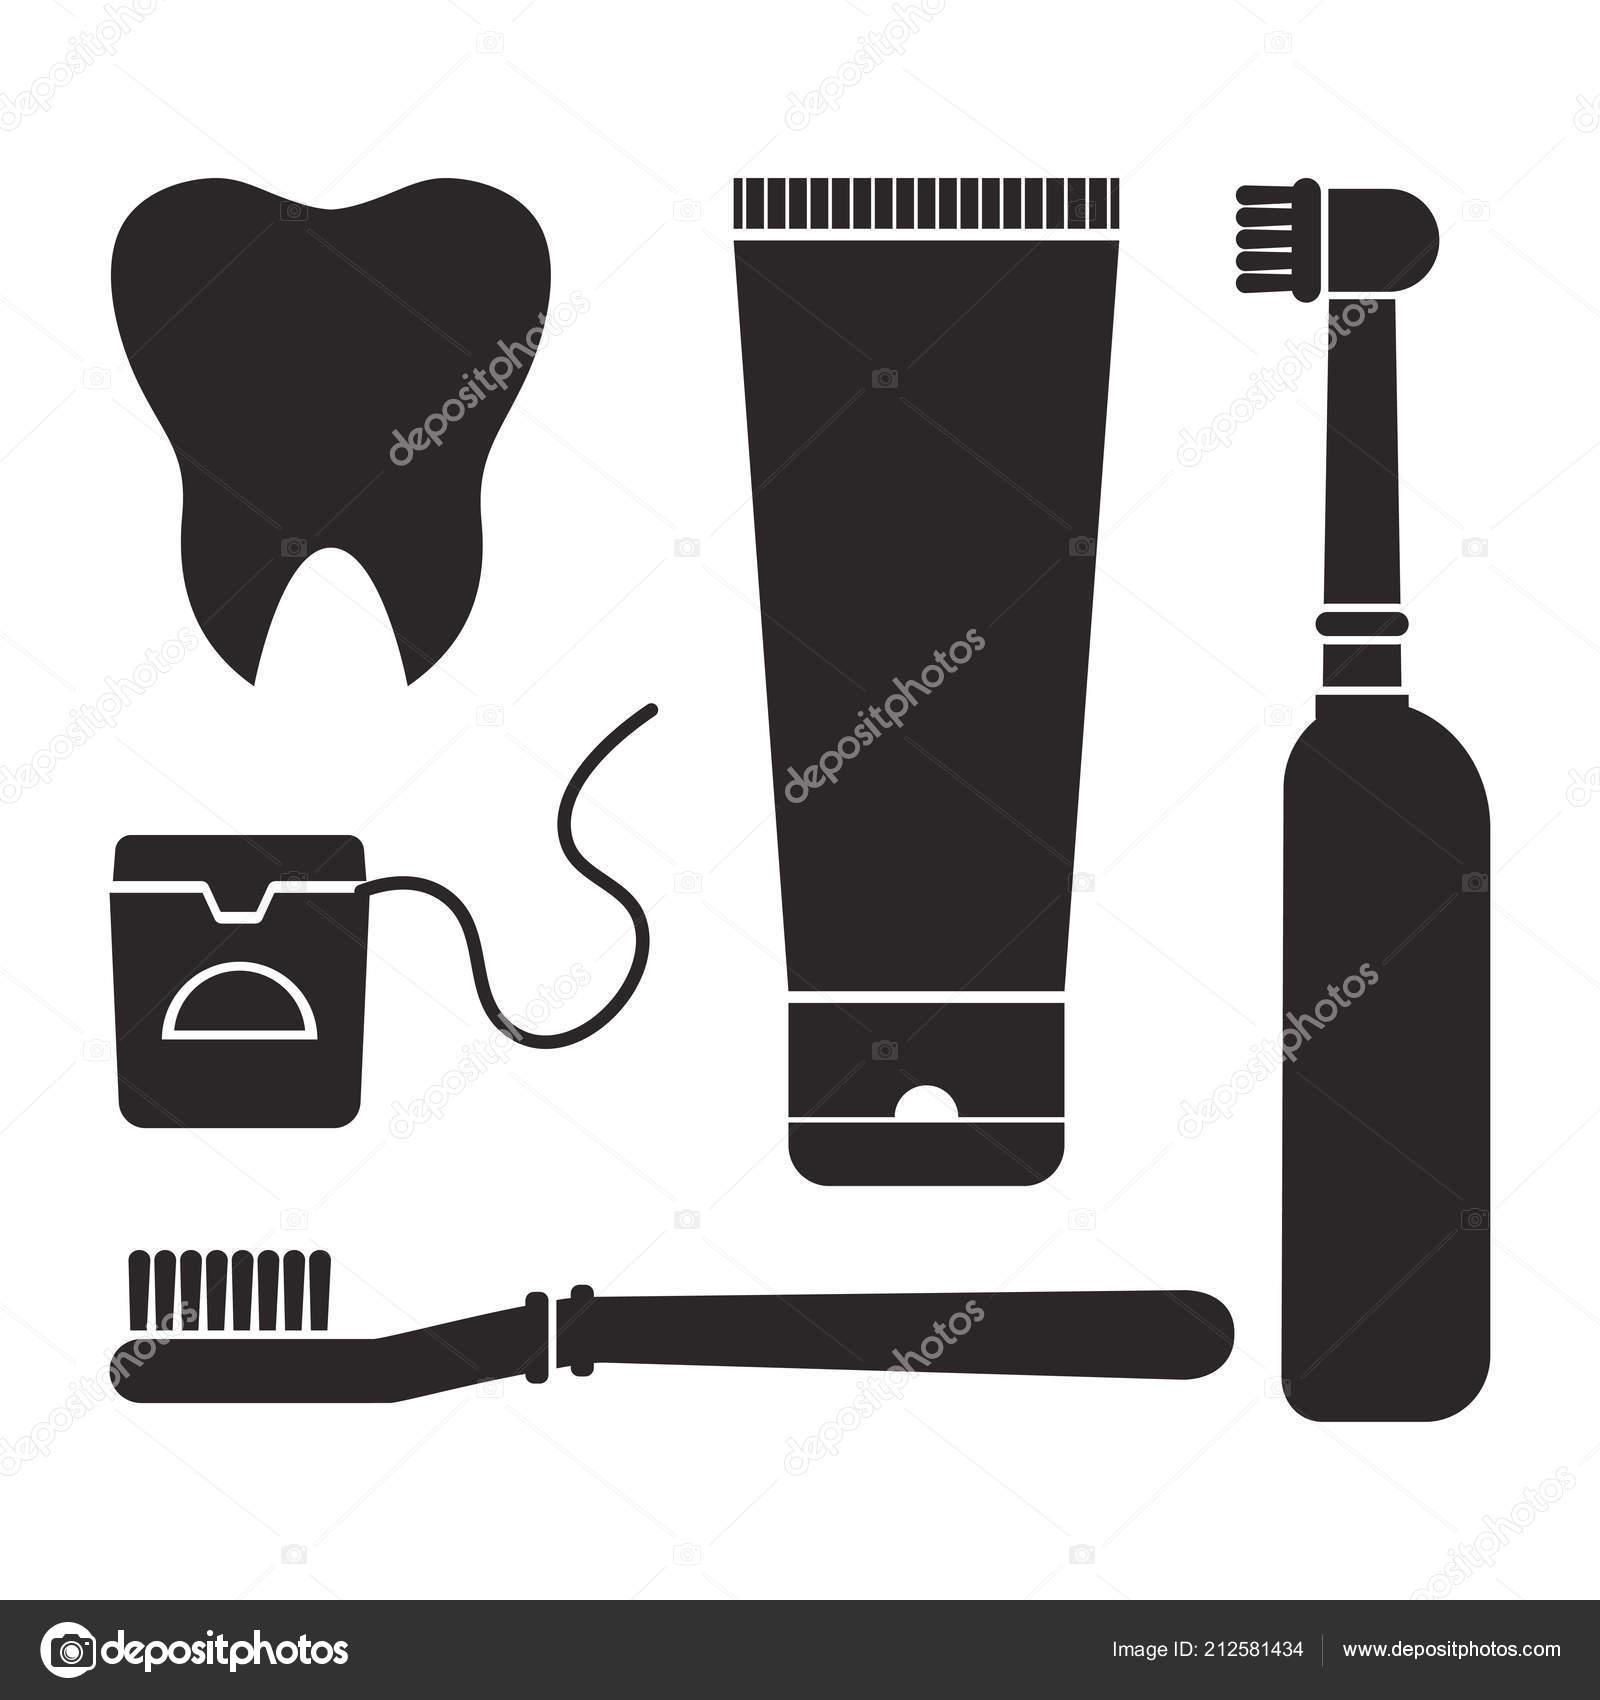 4c055db9c Higiene Oral Higiene Escovar Dentes Conjunto Ferramentas Limpeza Dentais  Dente — Vetores de Stock